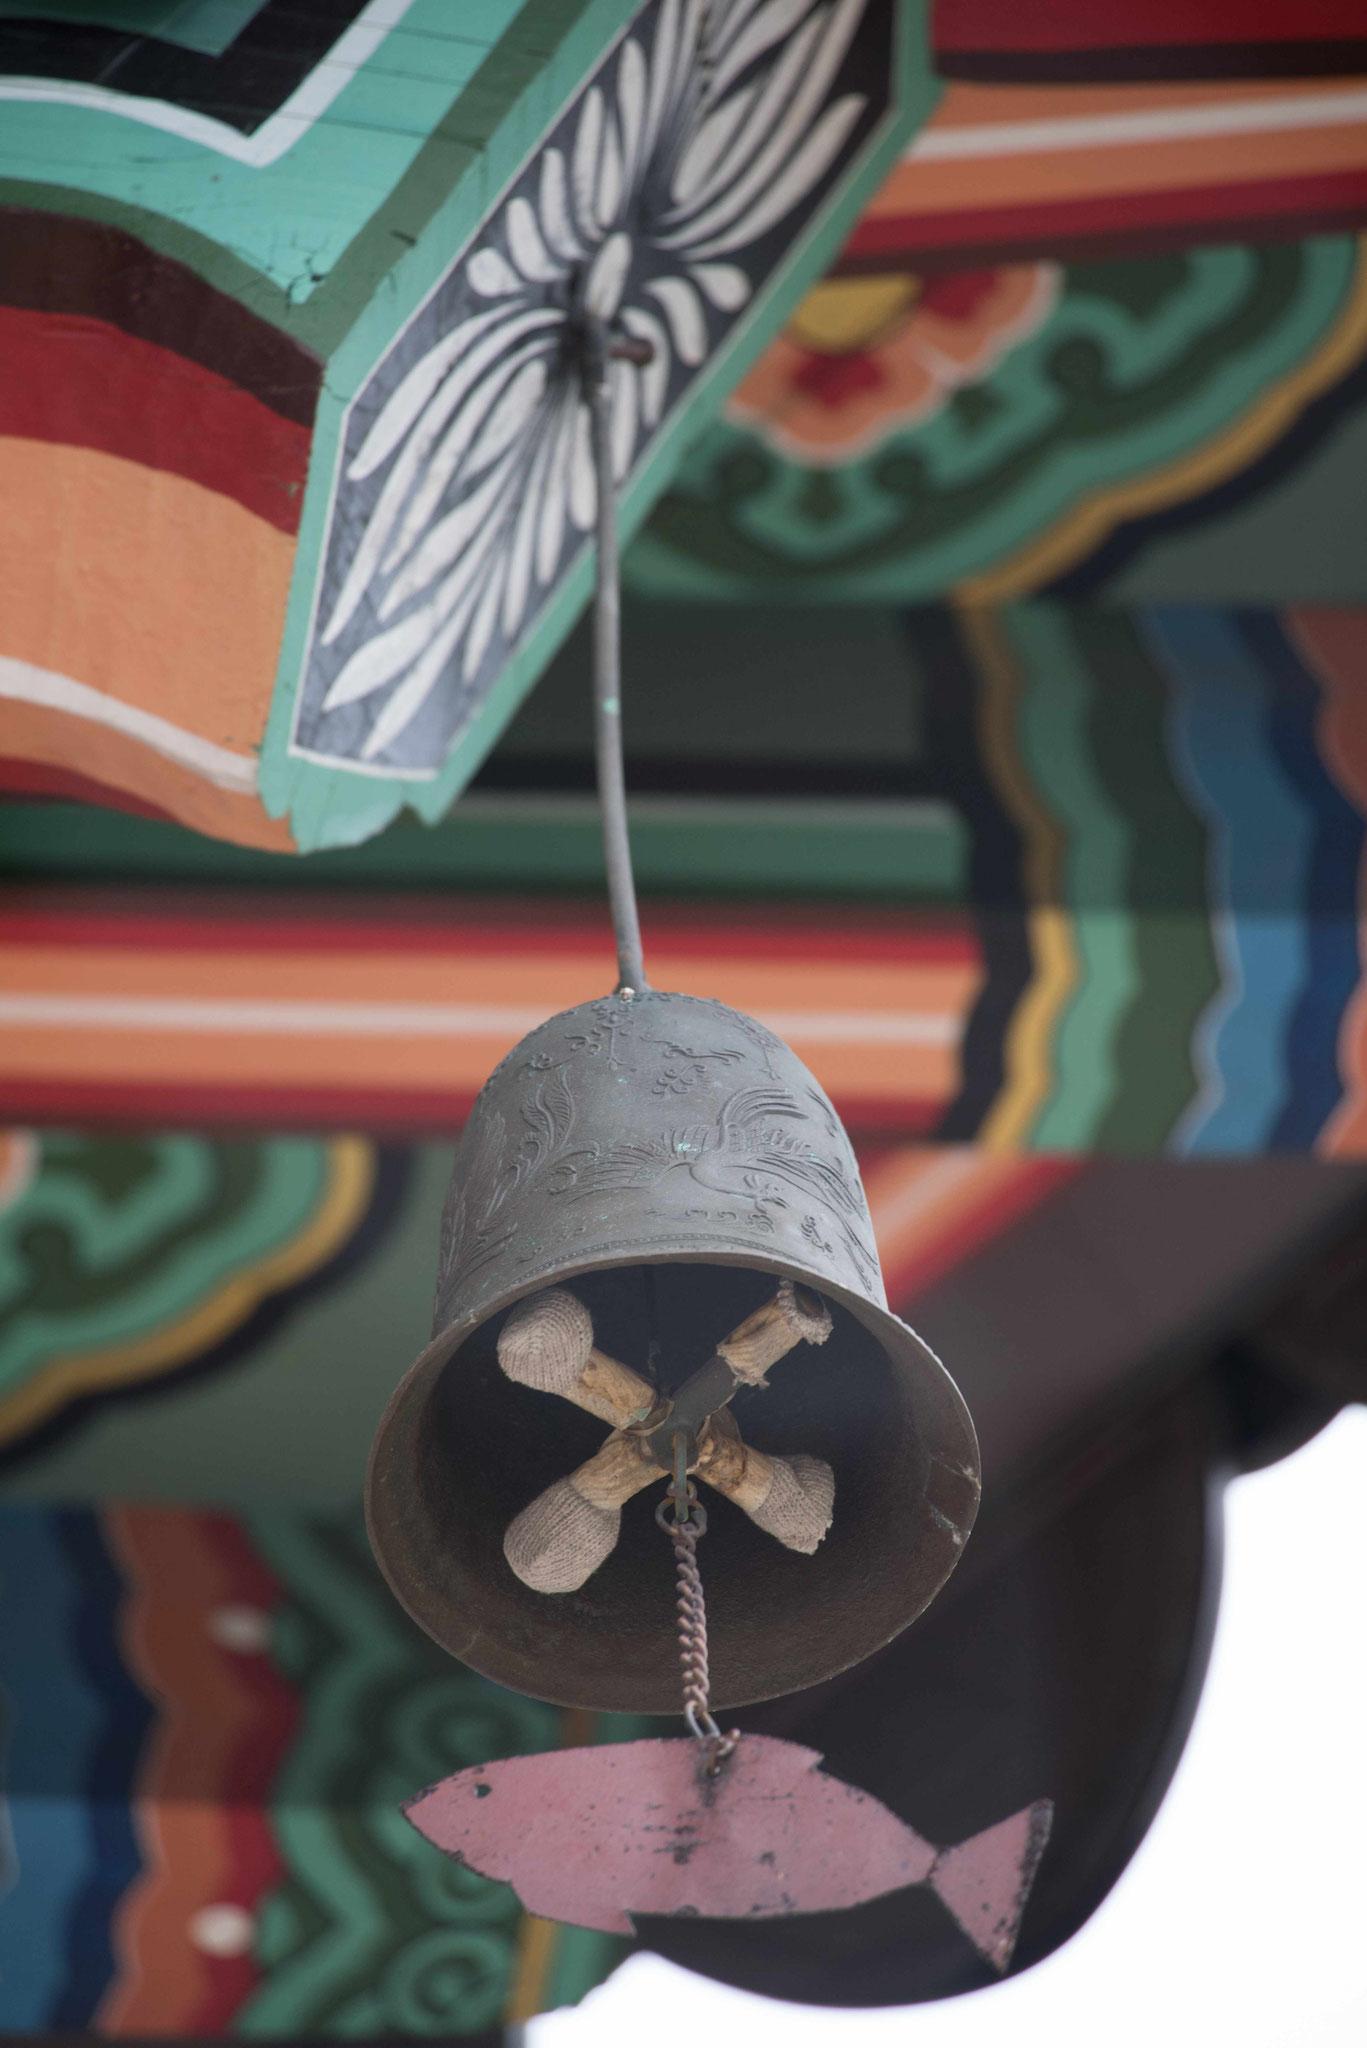 Das Klingeln der Glocken soll beruhigend wirken